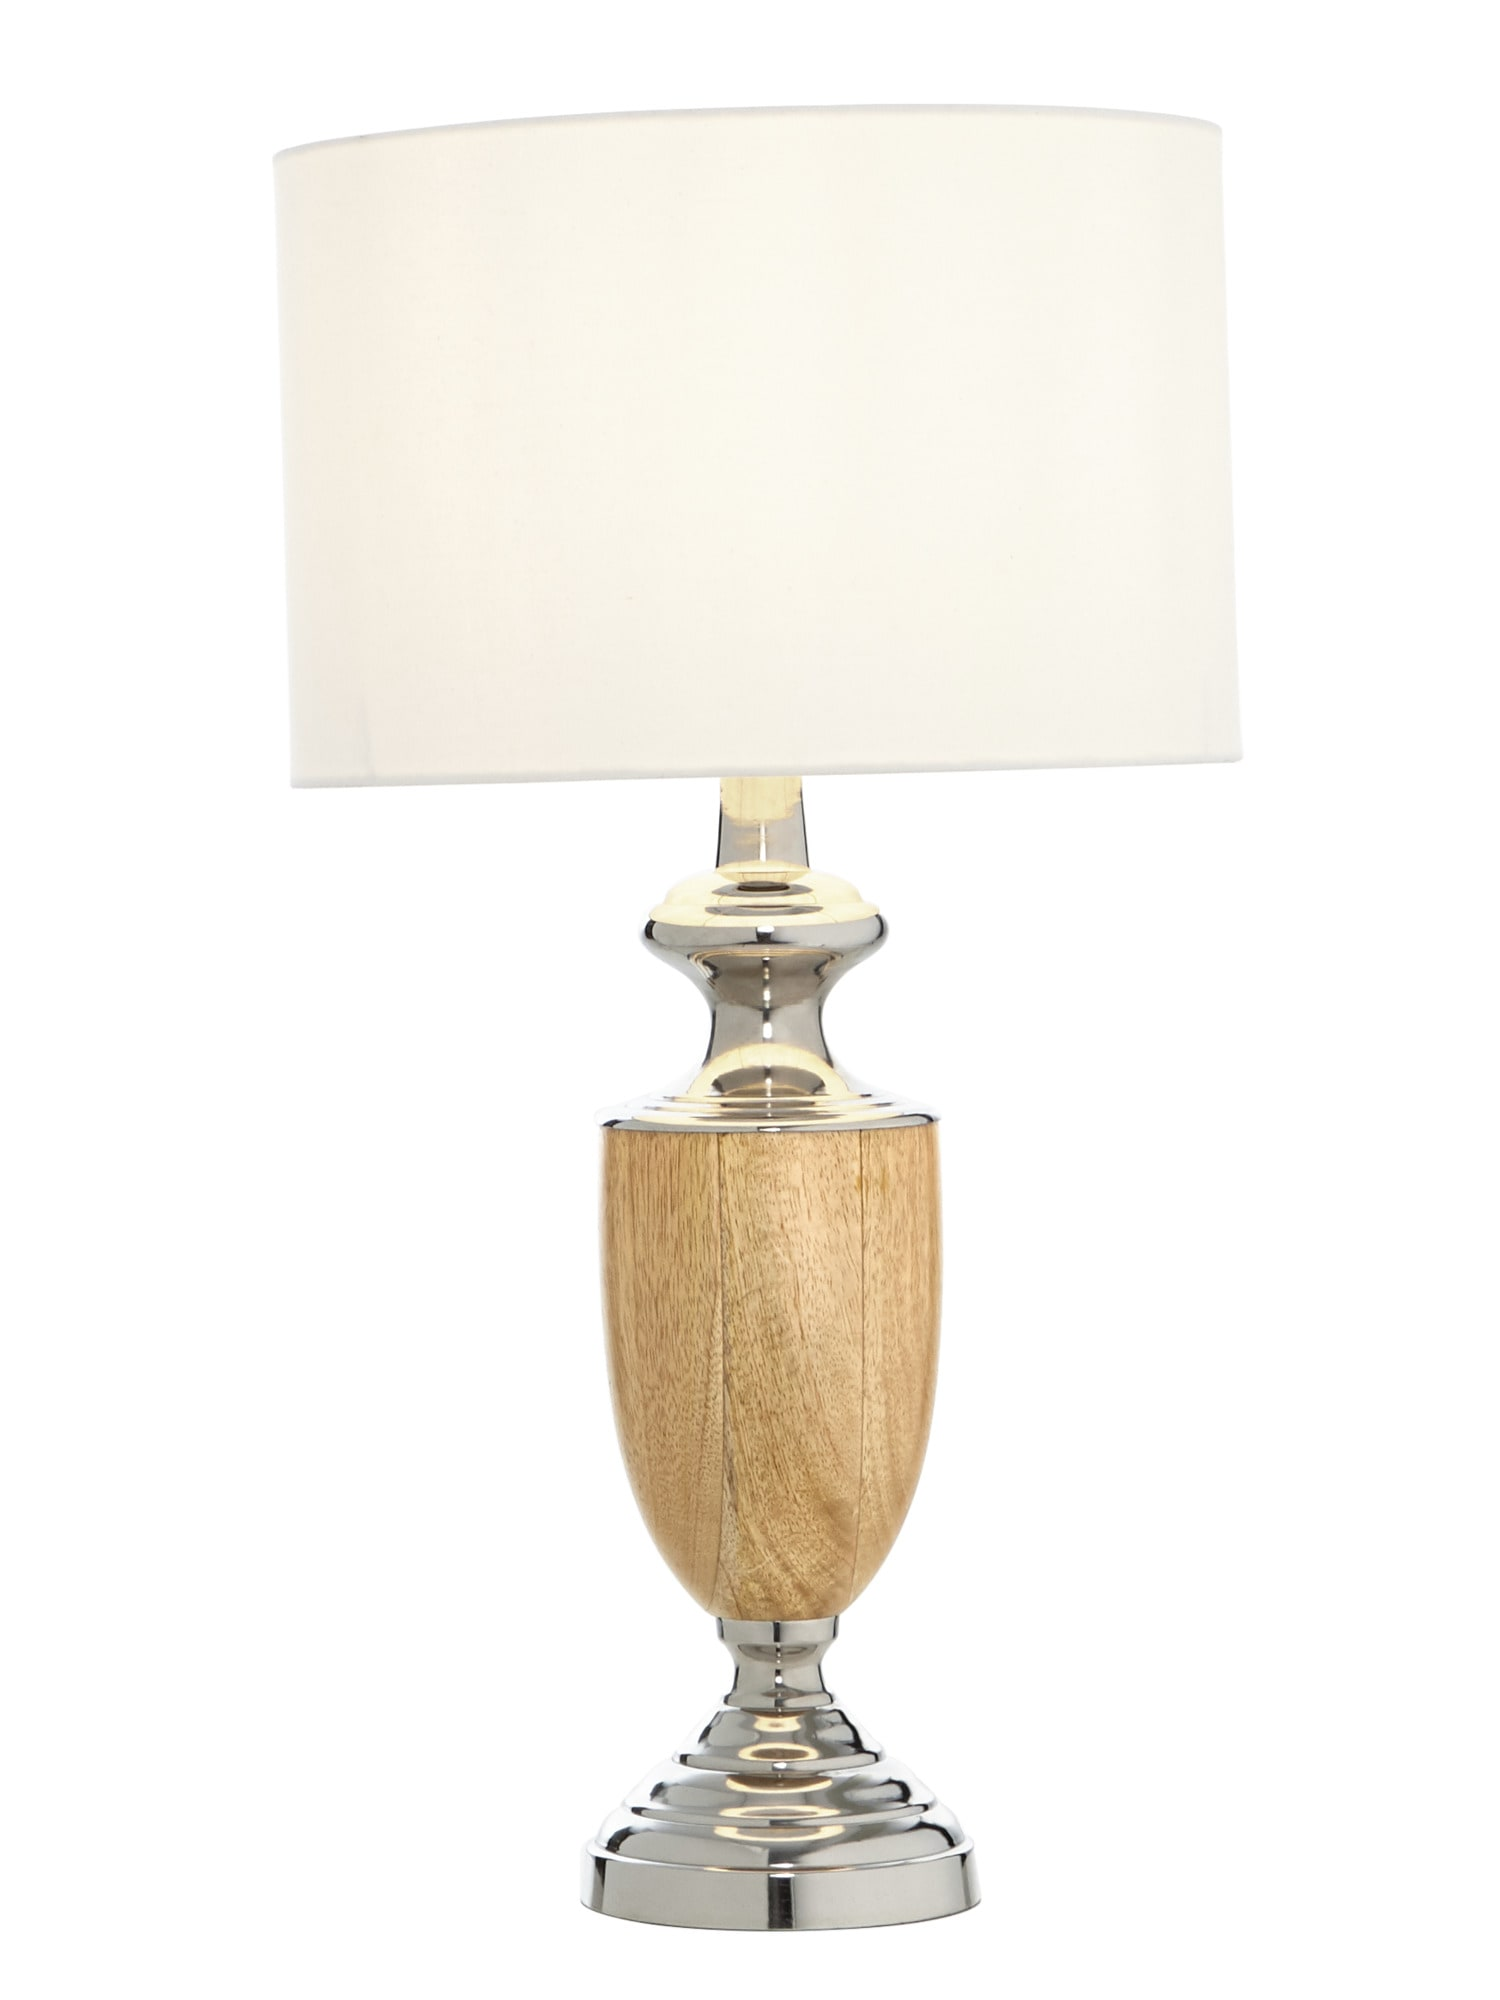 heine home Tischleuchte | Lampen > Tischleuchten > Beistelltischlampen | heine home